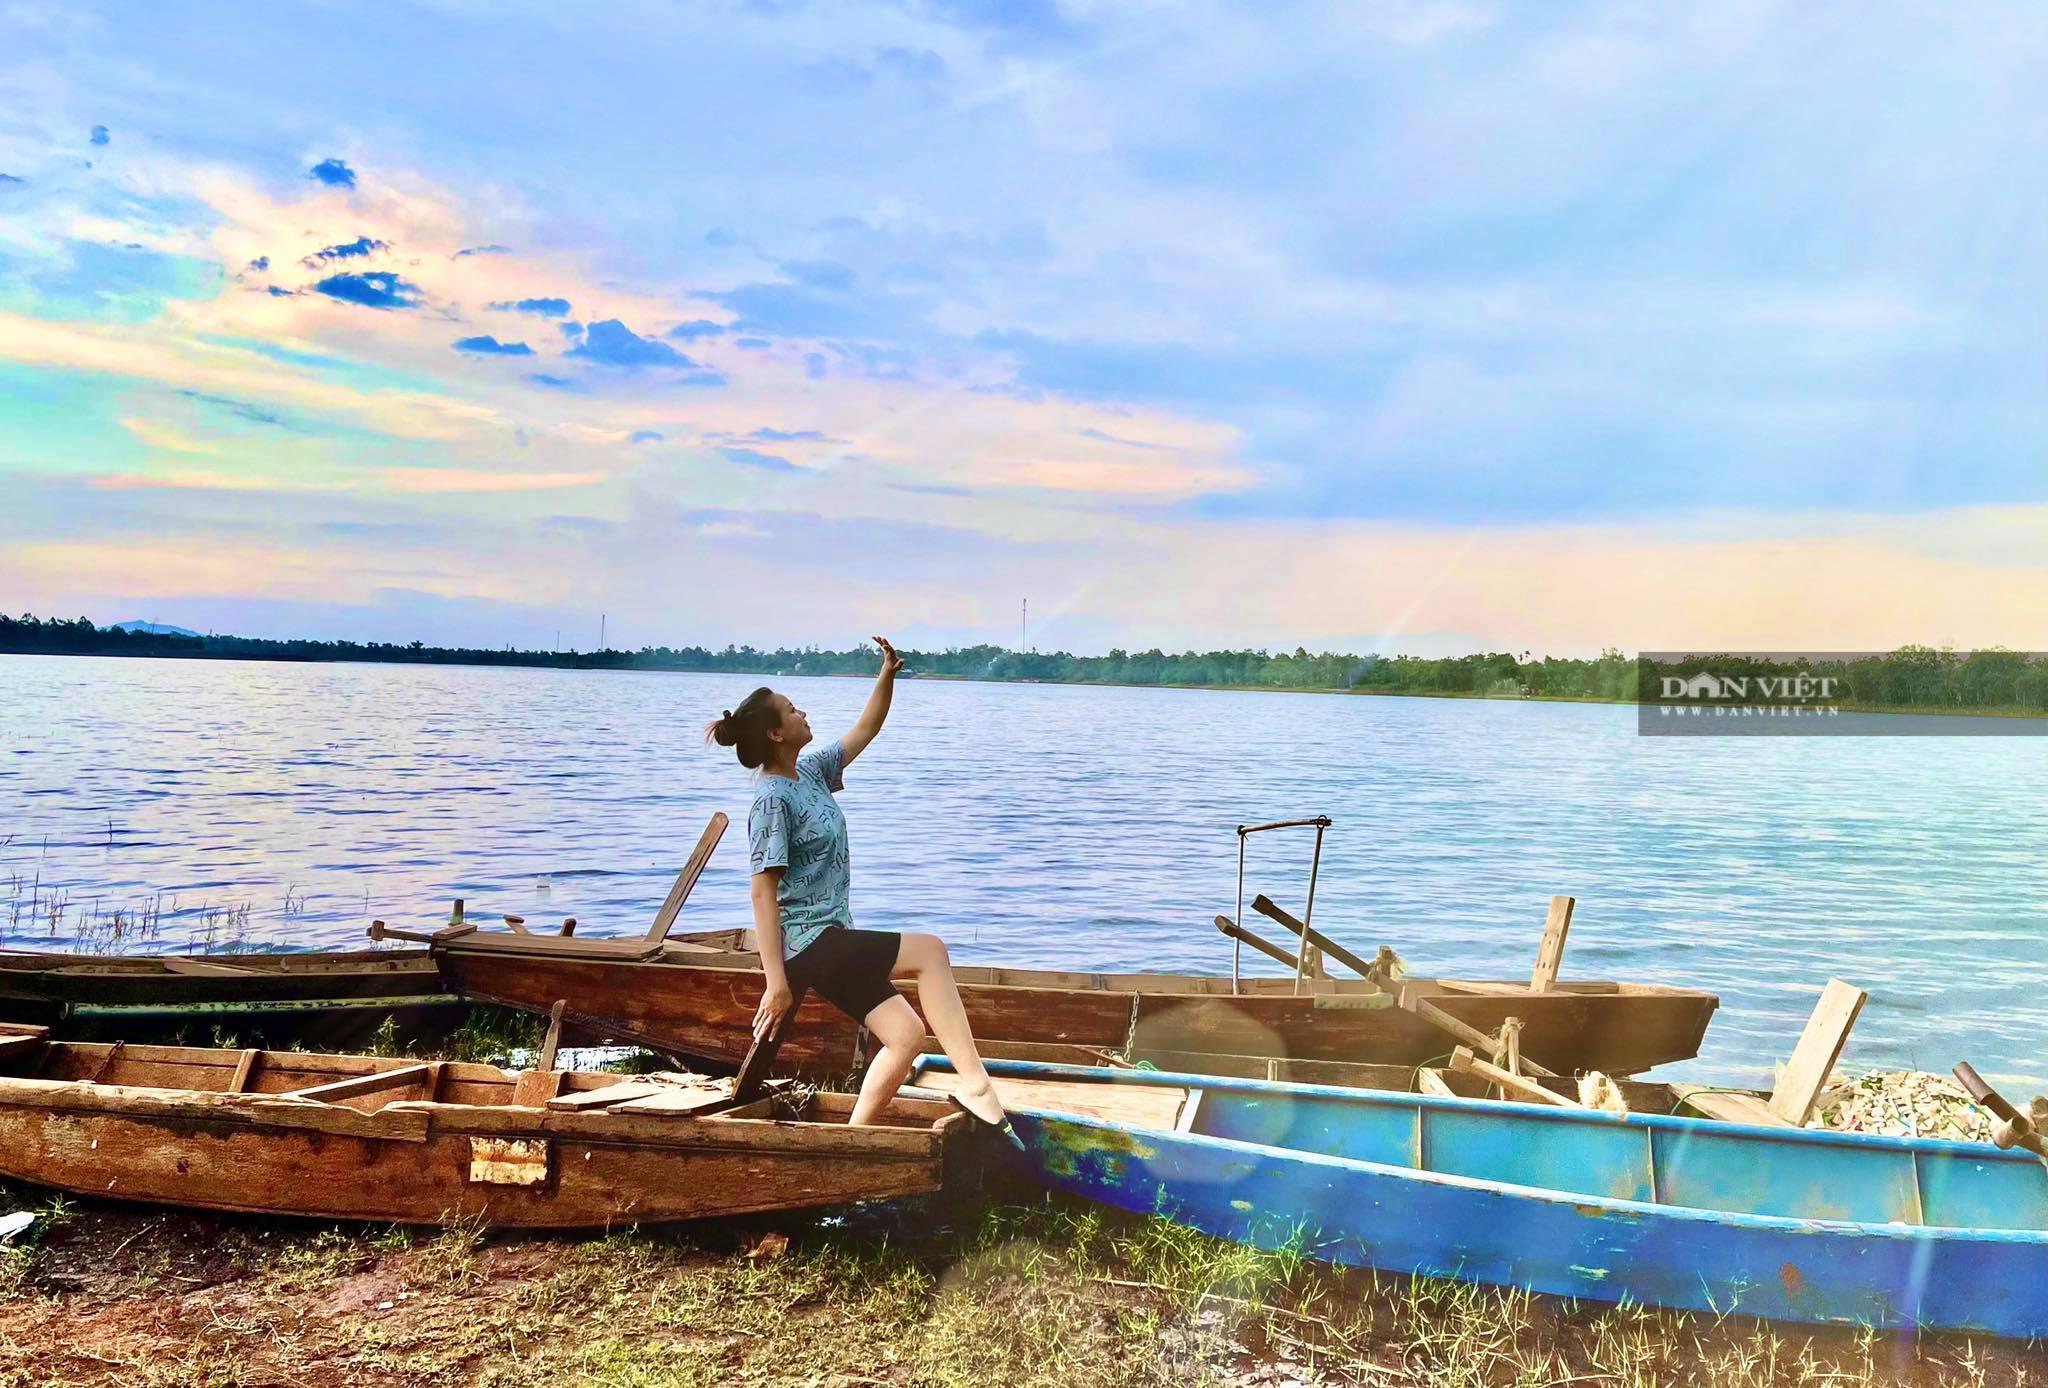 """Đắk Lắk: Giới trẻ mê mẩn điểm chụp hình sinh thái """"sống ảo"""" đẹp nao lòng - Ảnh 1."""